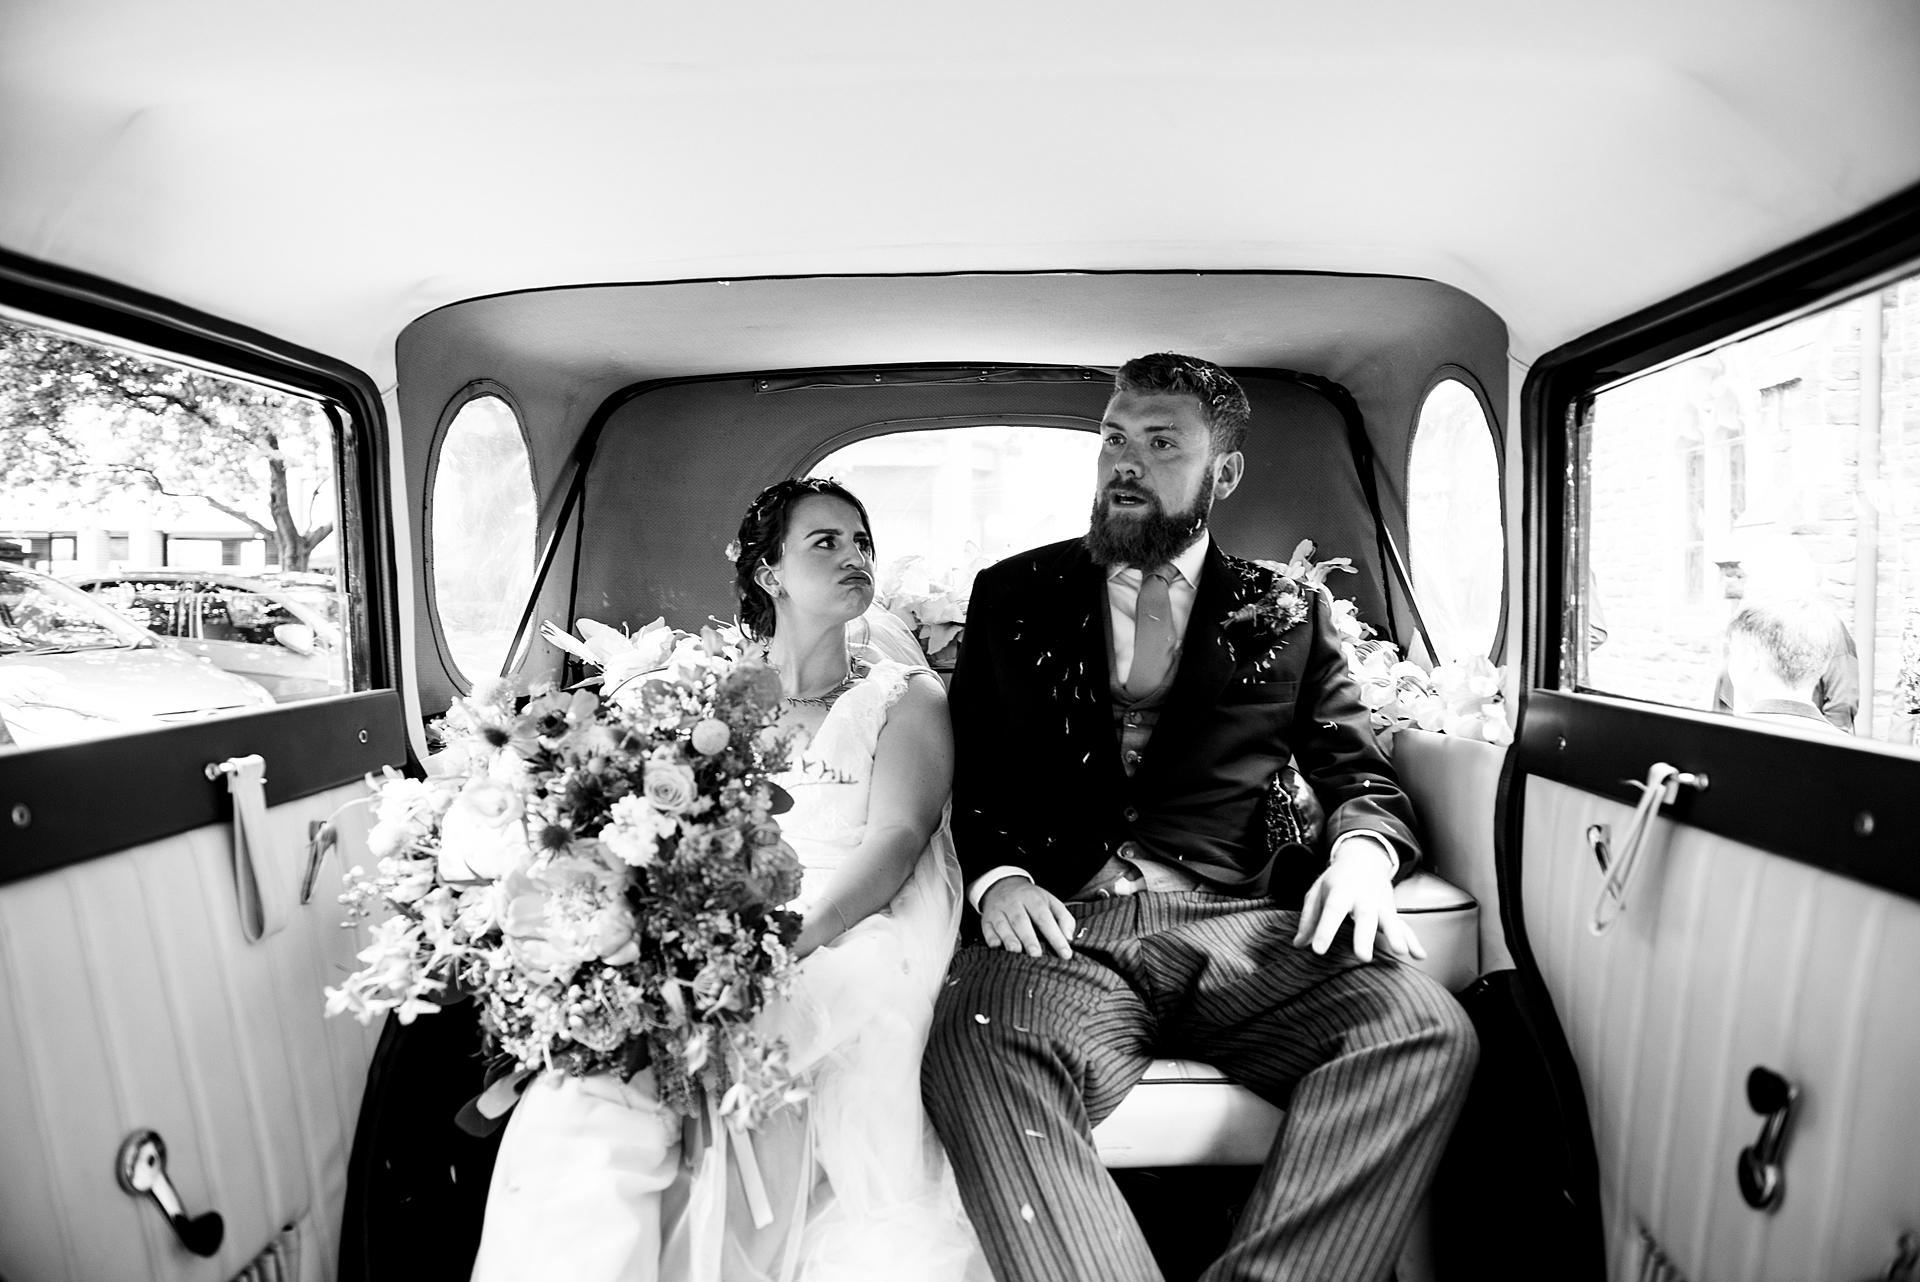 Jonny Barratt aus Gloucestershire ist Hochzeitsfotograf für Penmaen House in Wales